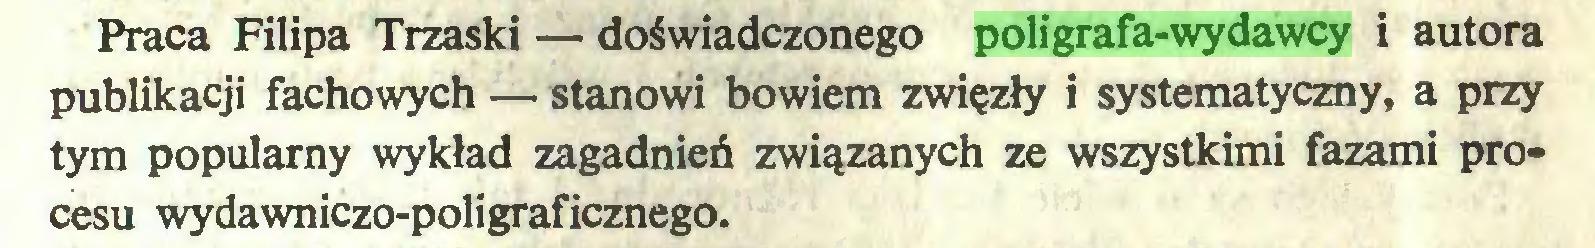 (...) Praca Filipa Trzaski — doświadczonego poligrafa-wydawcy i autora publikacji fachowych — stanowi bowiem zwięzły i systematyczny, a przy tym popularny wykład zagadnień związanych ze wszystkimi fazami procesu wydawniczo-poligraficznego...